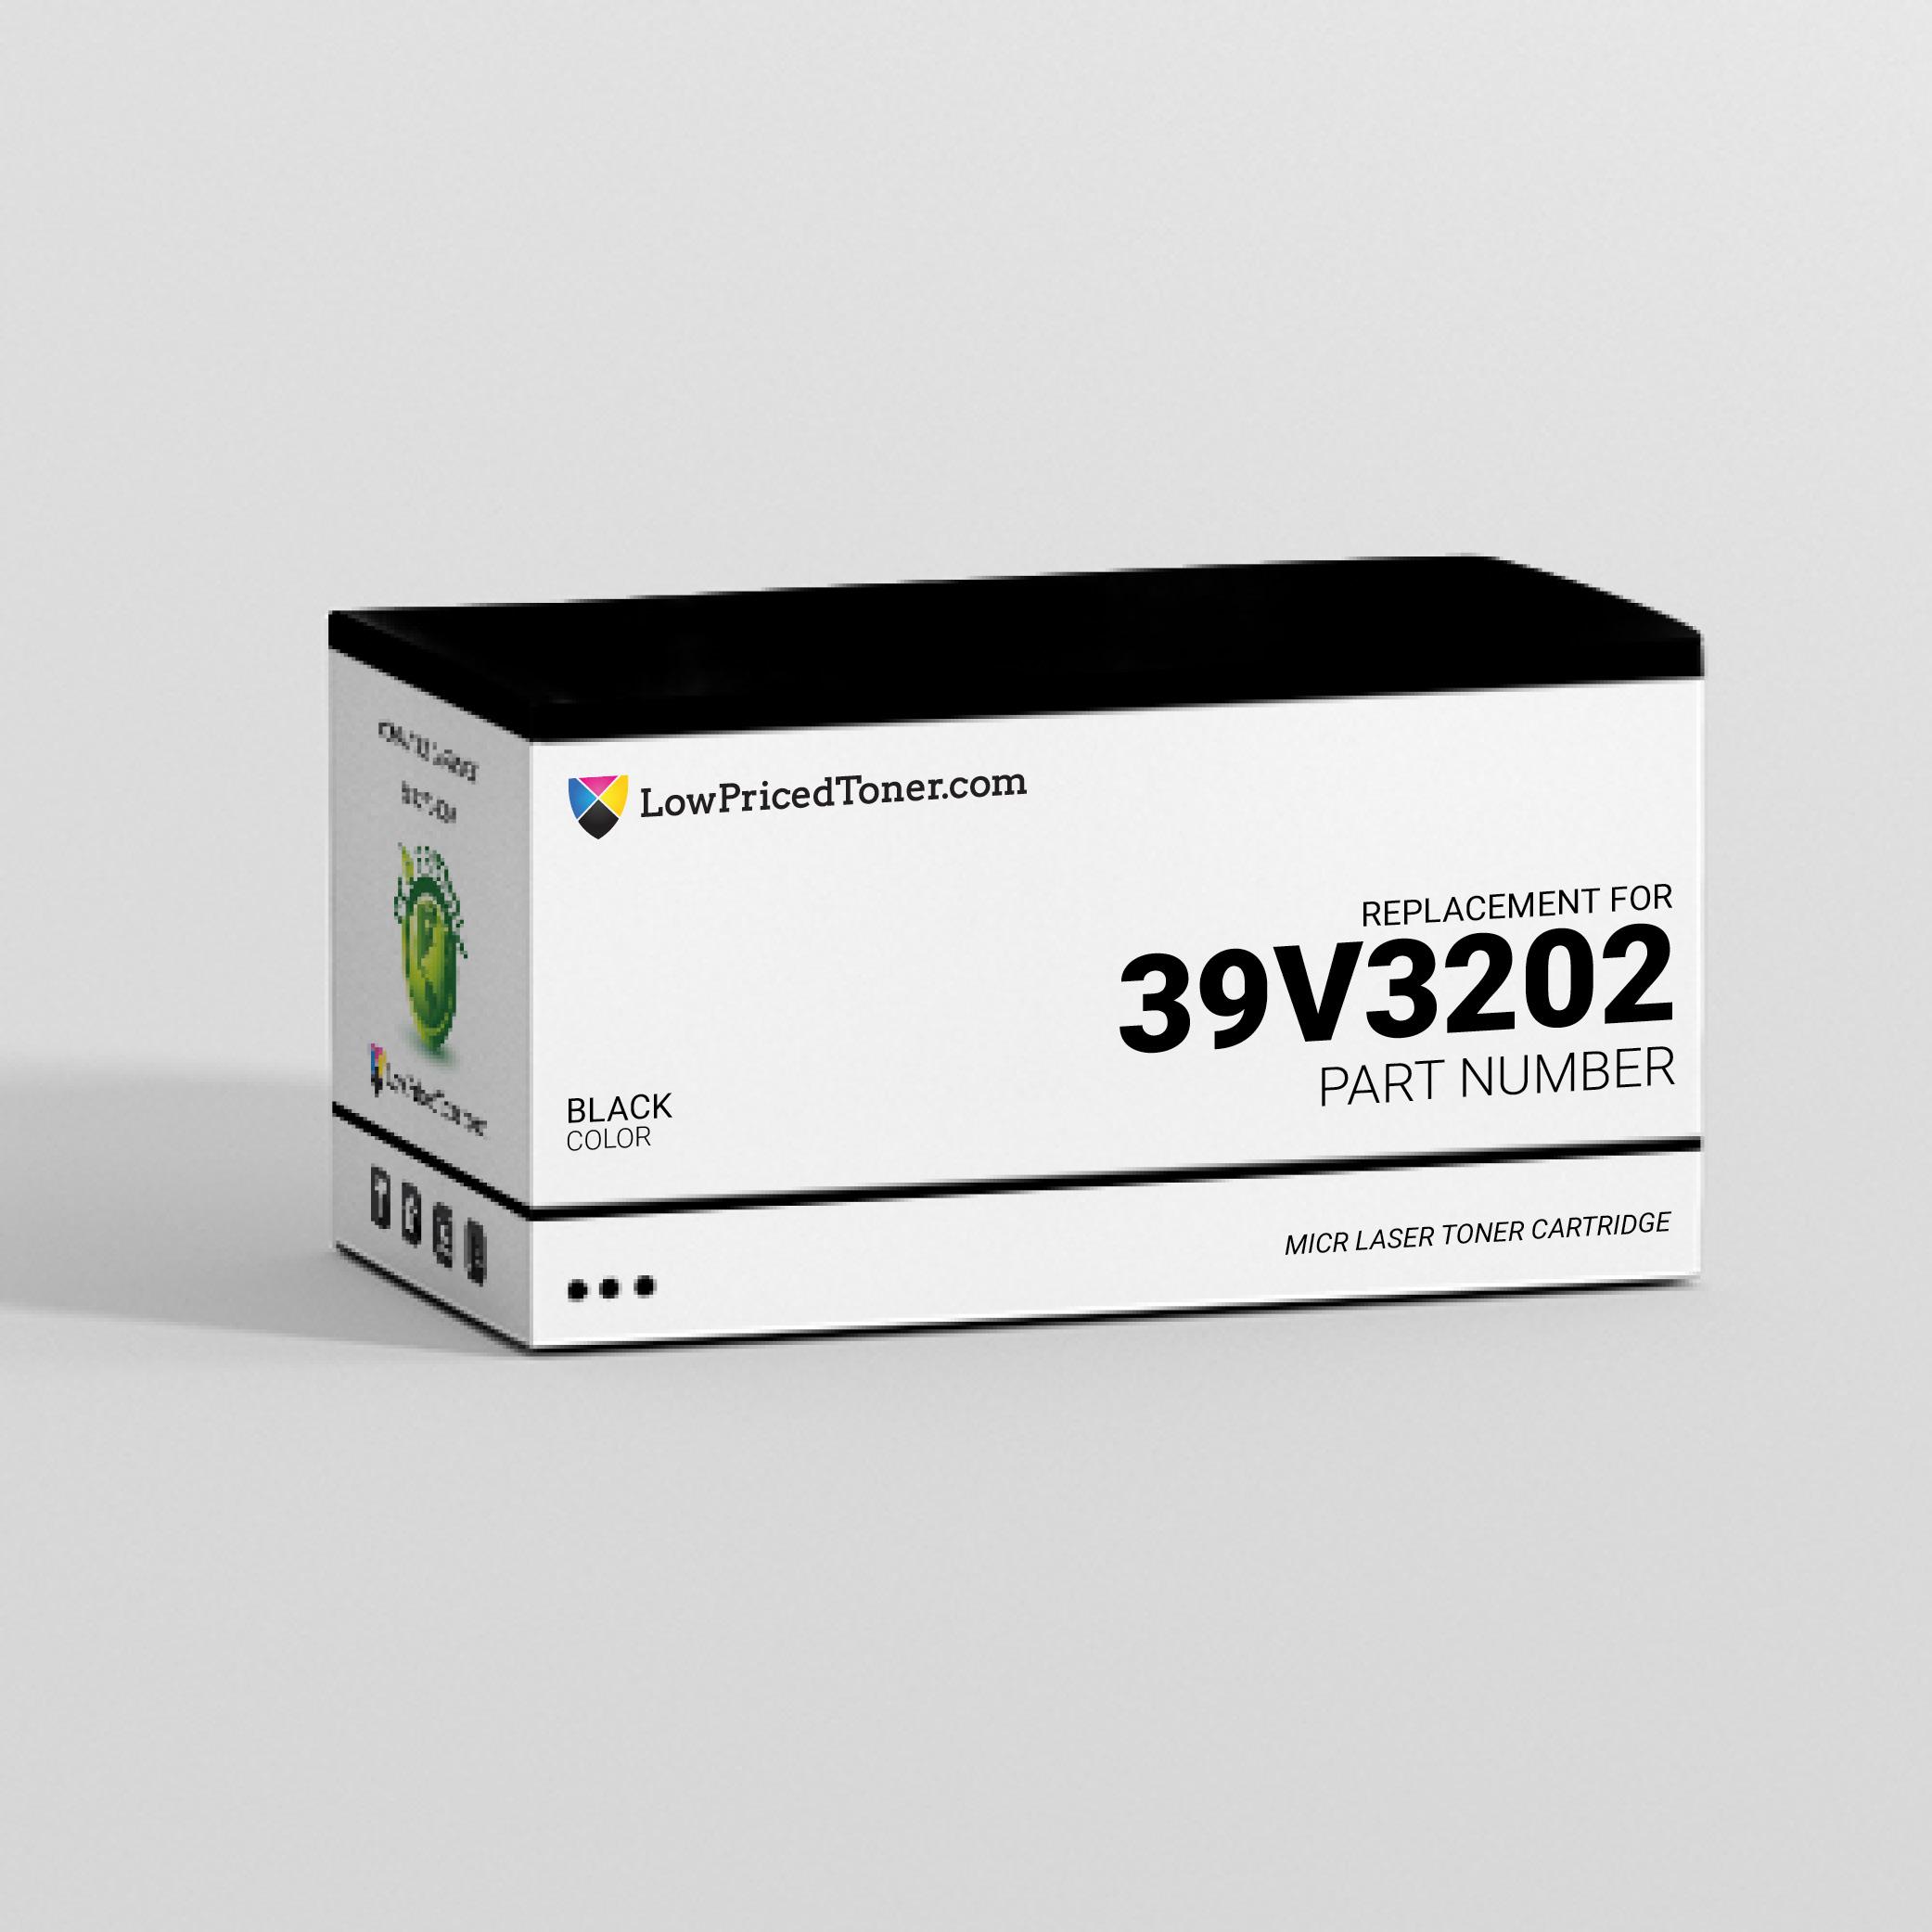 IBM 39V3202 Remanufactured Black MICR Laser Toner Cartridge